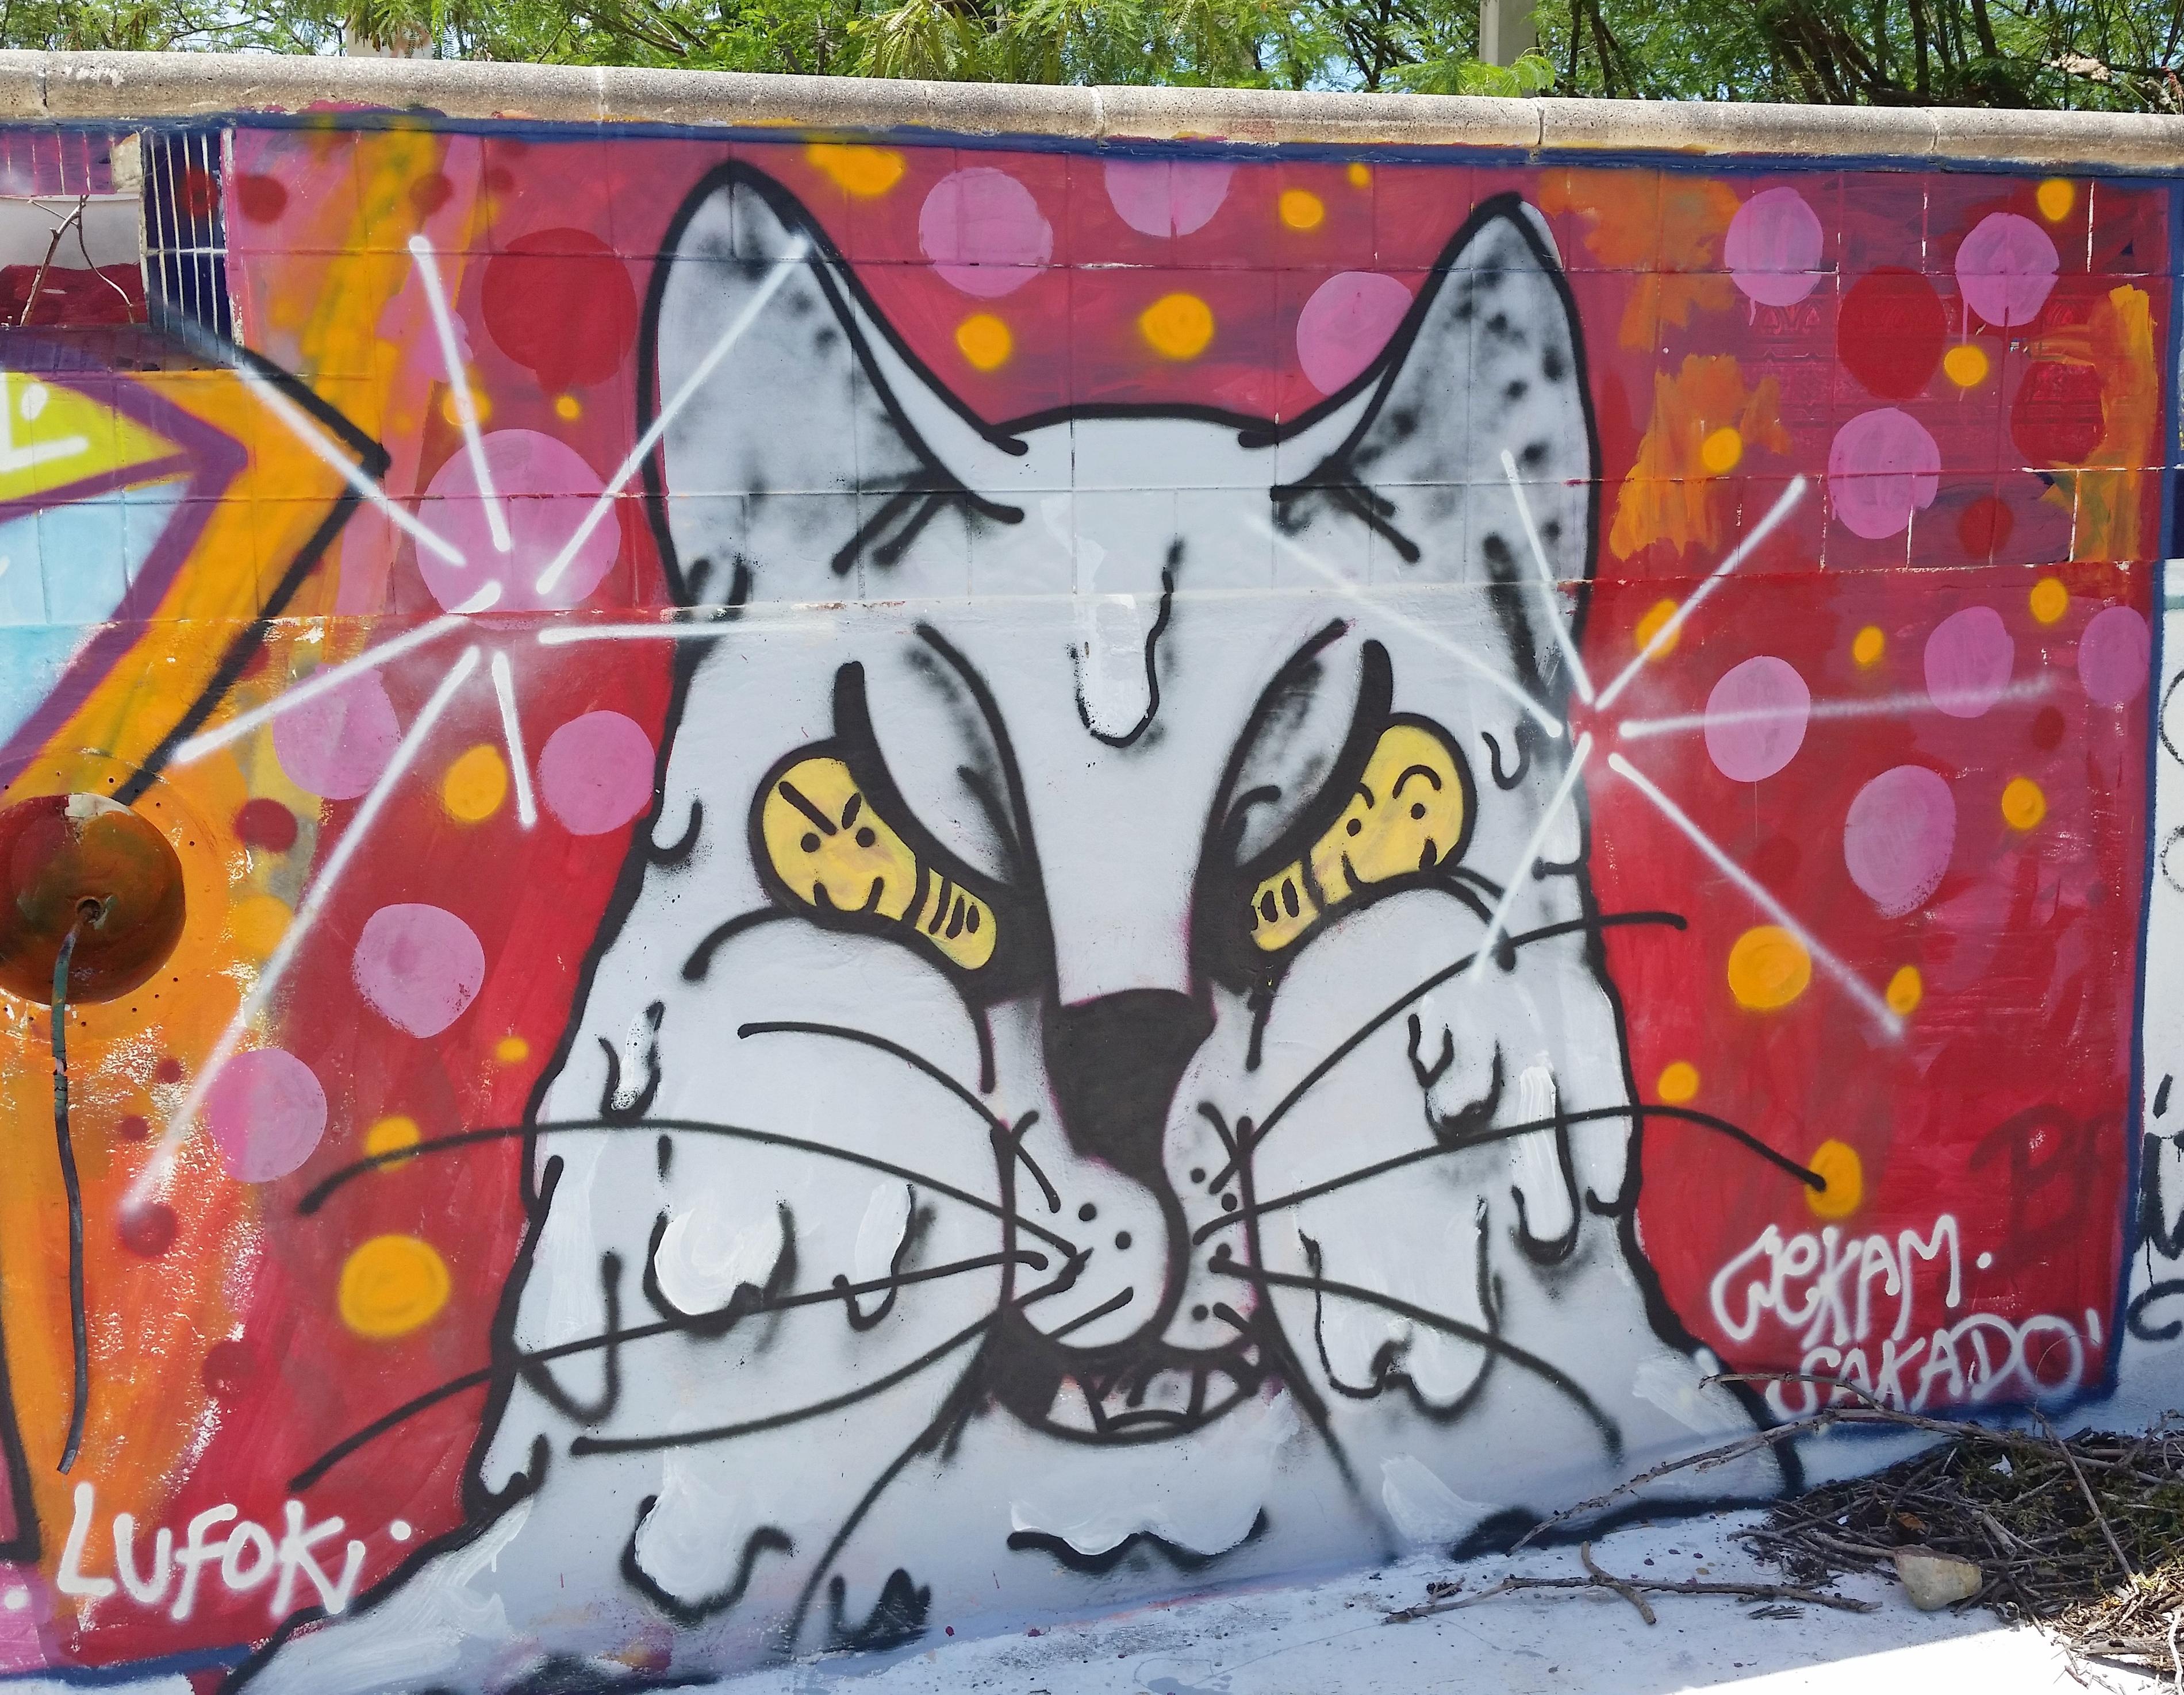 Graffiti street art in St. Martin